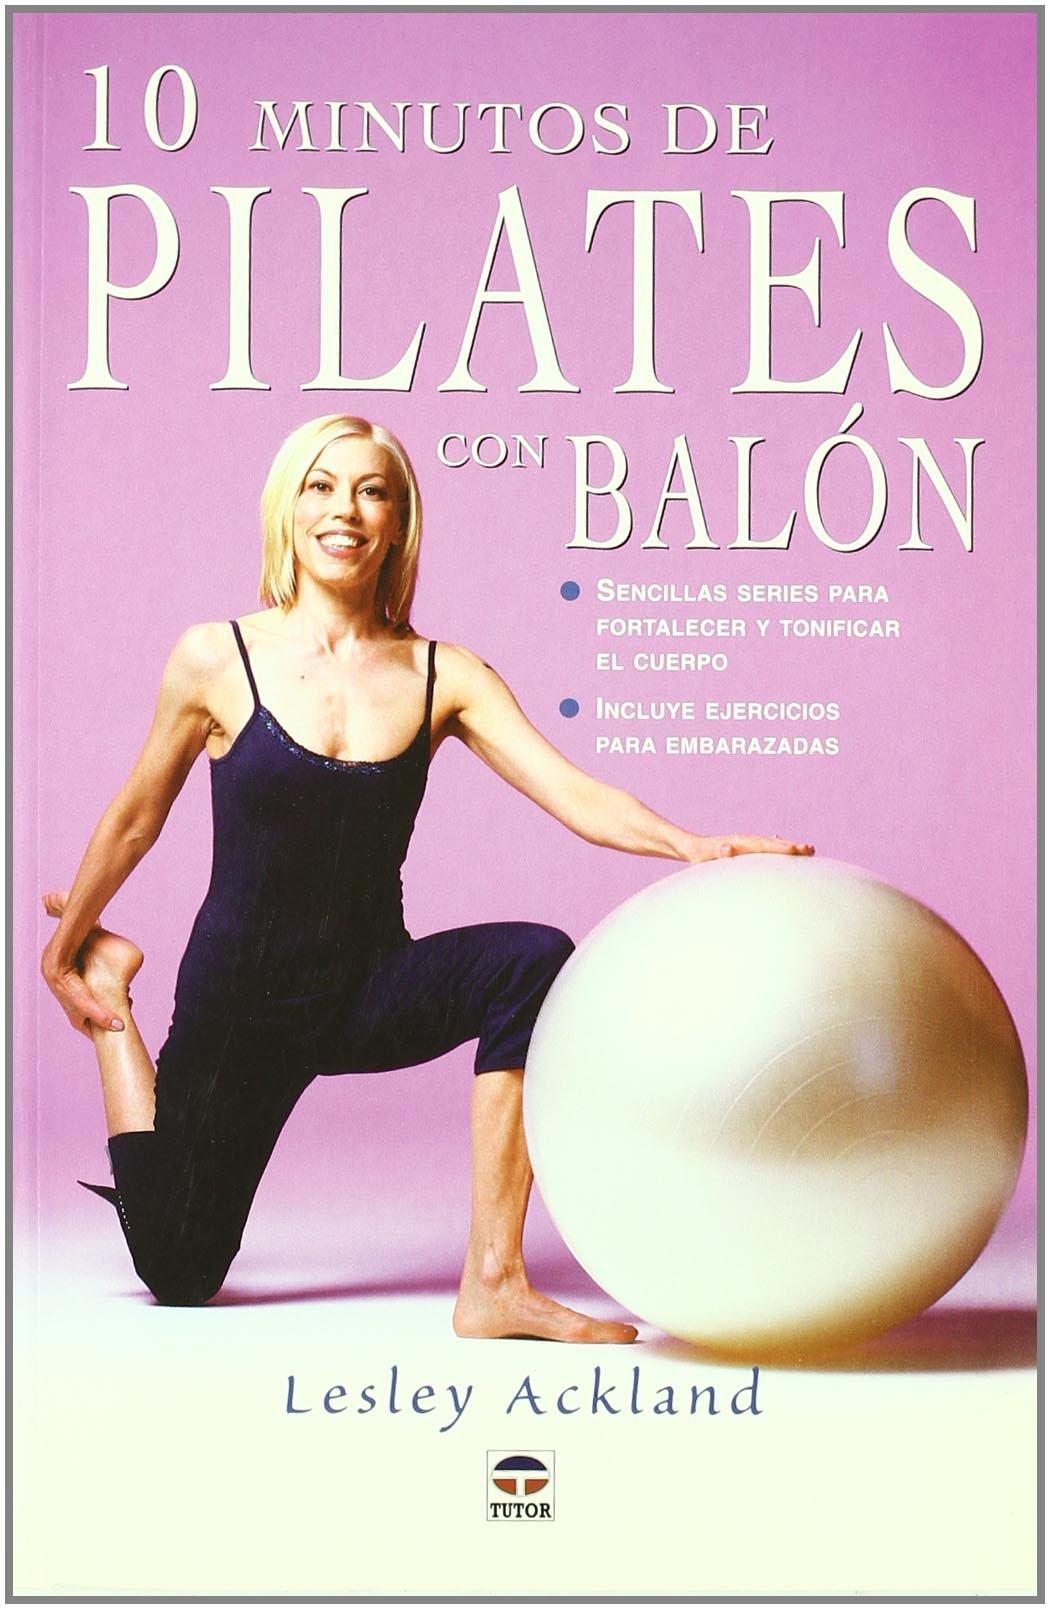 10 minutos de Pilates con balón: Amazon.es: Lesley Ackland: Libros